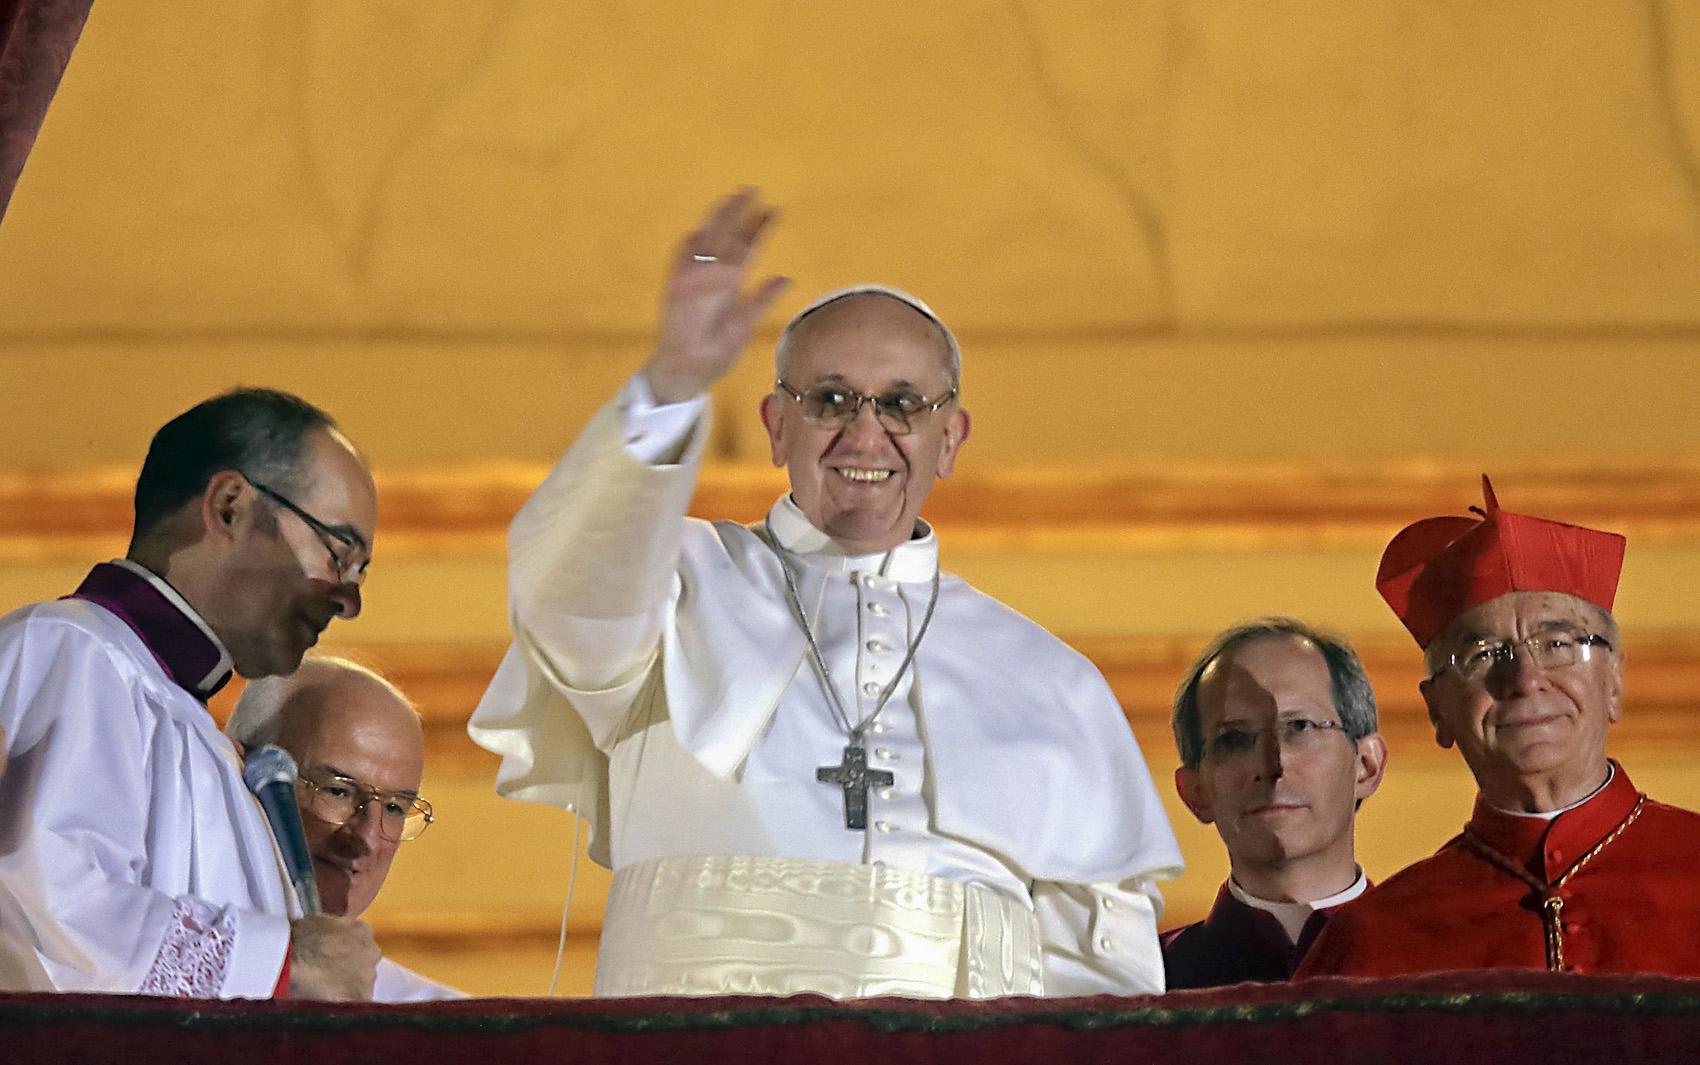 Em 13 de março de 2013, o cardeal Jorge Mario Bergoglio é eleito Papa e escolhe o nome de Francisco. Na imagem, é possível ver o cardeal brasileiro Cláudio Hummes ao lado do pontífice